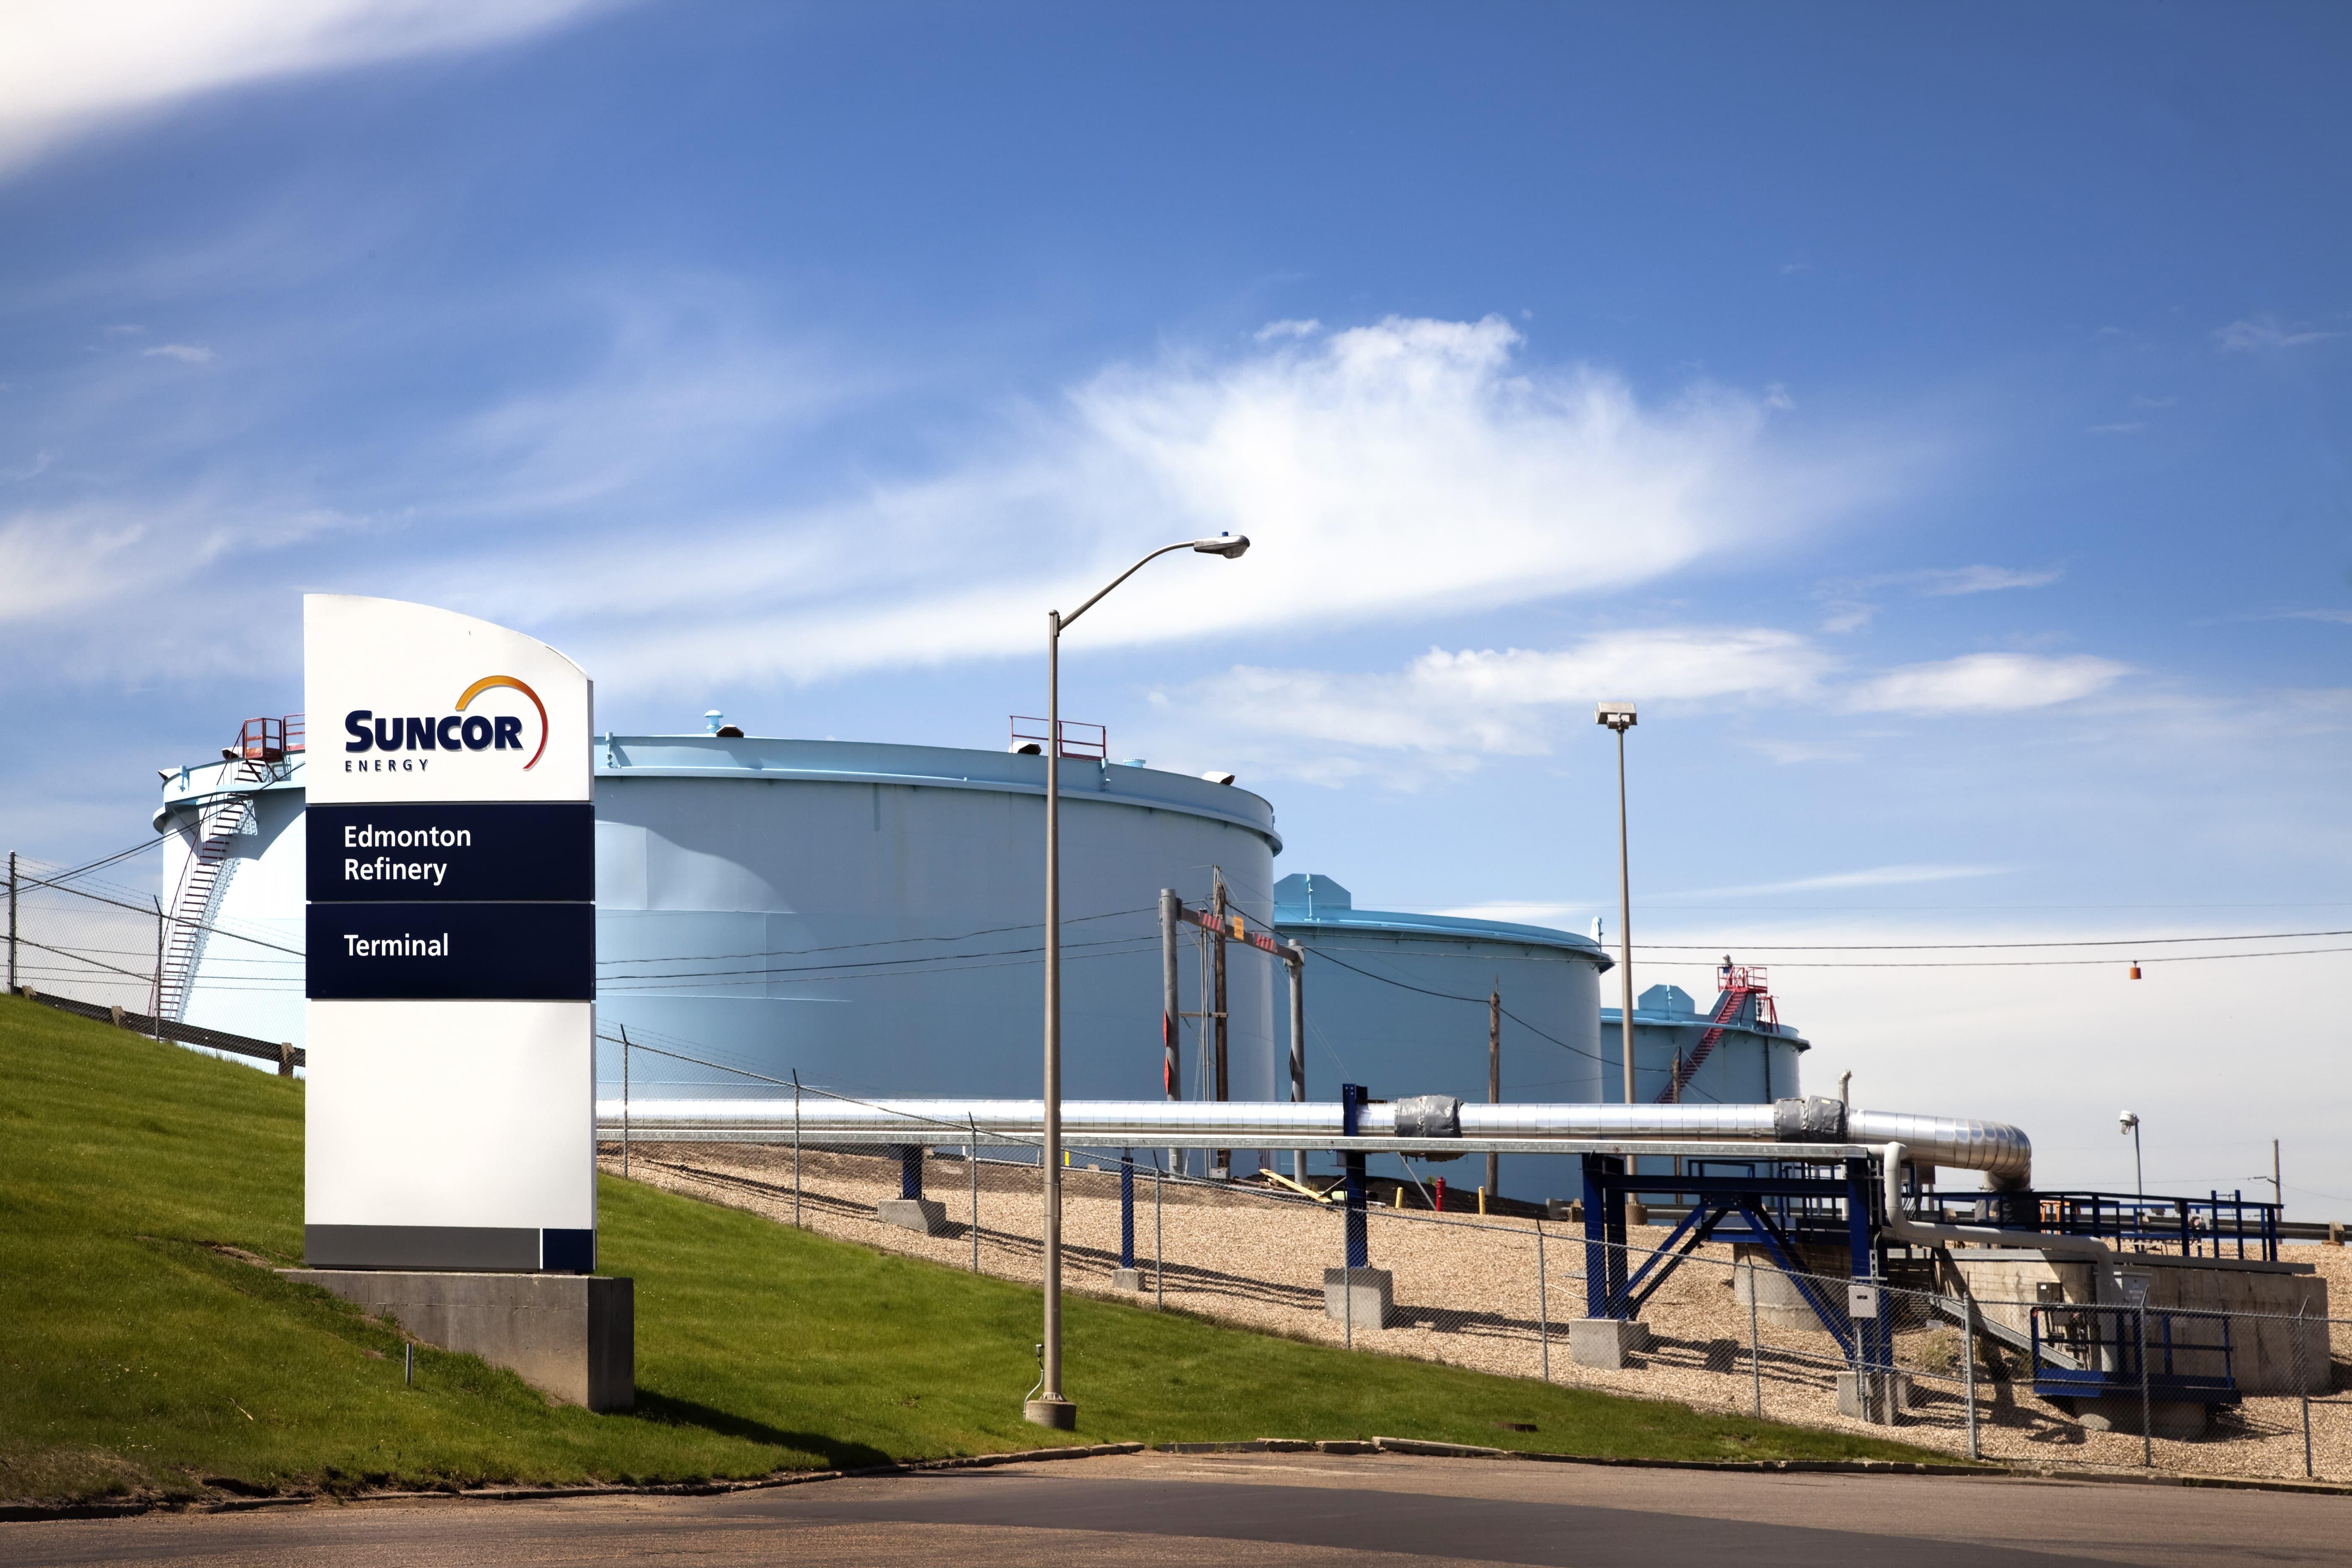 L'image a un fond de ciel bleu et la raffinerie d'Edmonton avec quatre réservoirs d'hydrogène et un panneau Suncor devant